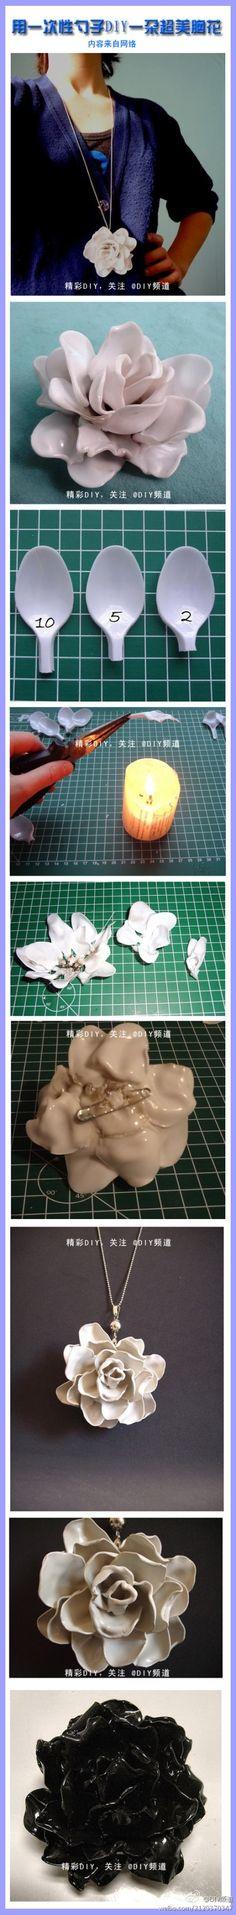 DIY : Pendentif fleur à base de petites cuillères en plastique | Le Meilleur du DIY